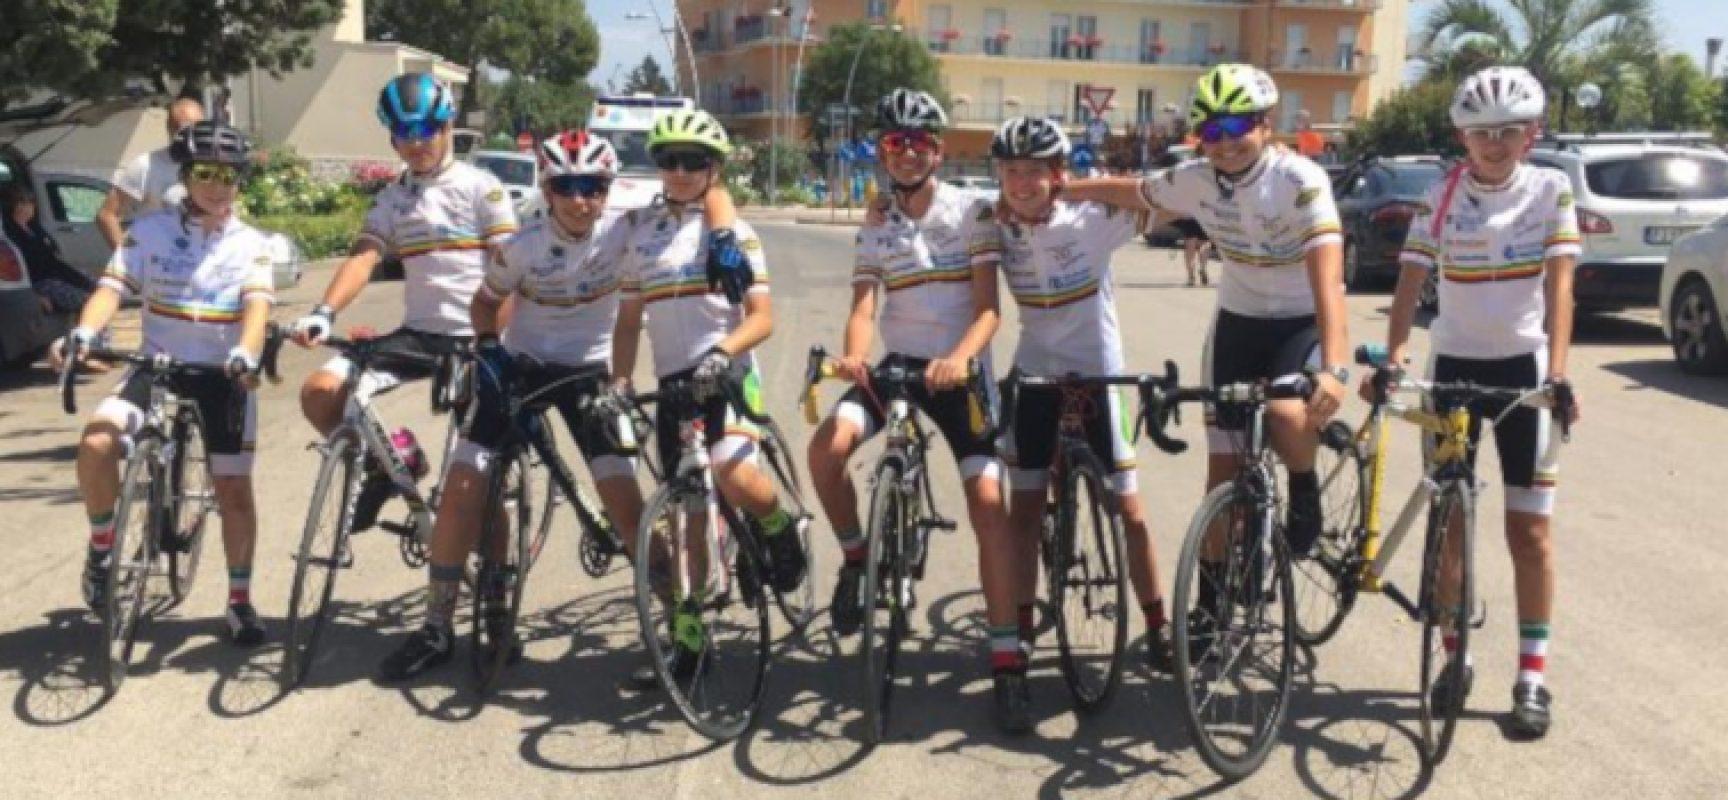 Polisportiva Cavallaro: ottimi risultati nelle gare di ciclismo e paraciclismo del weekend